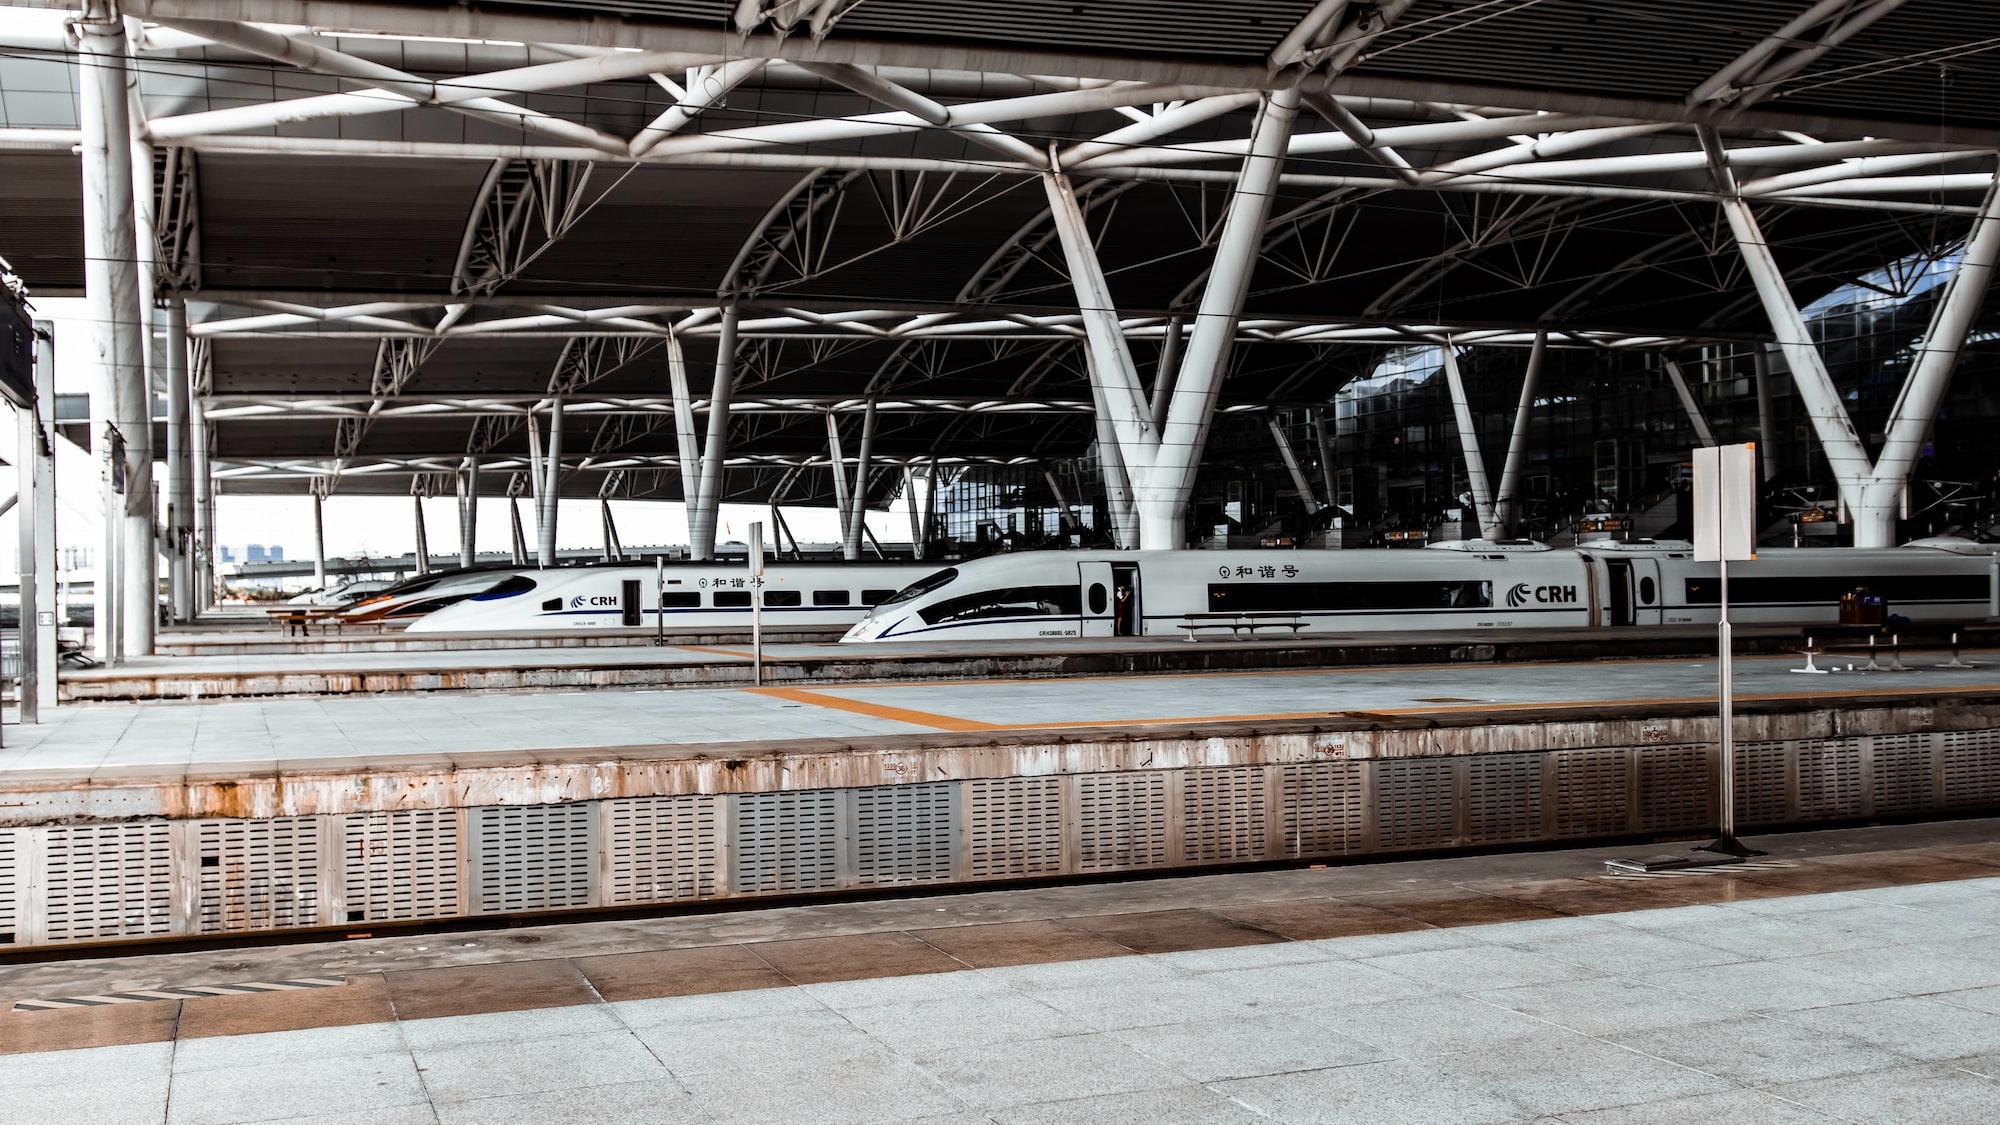 Train, Guangzhou, China